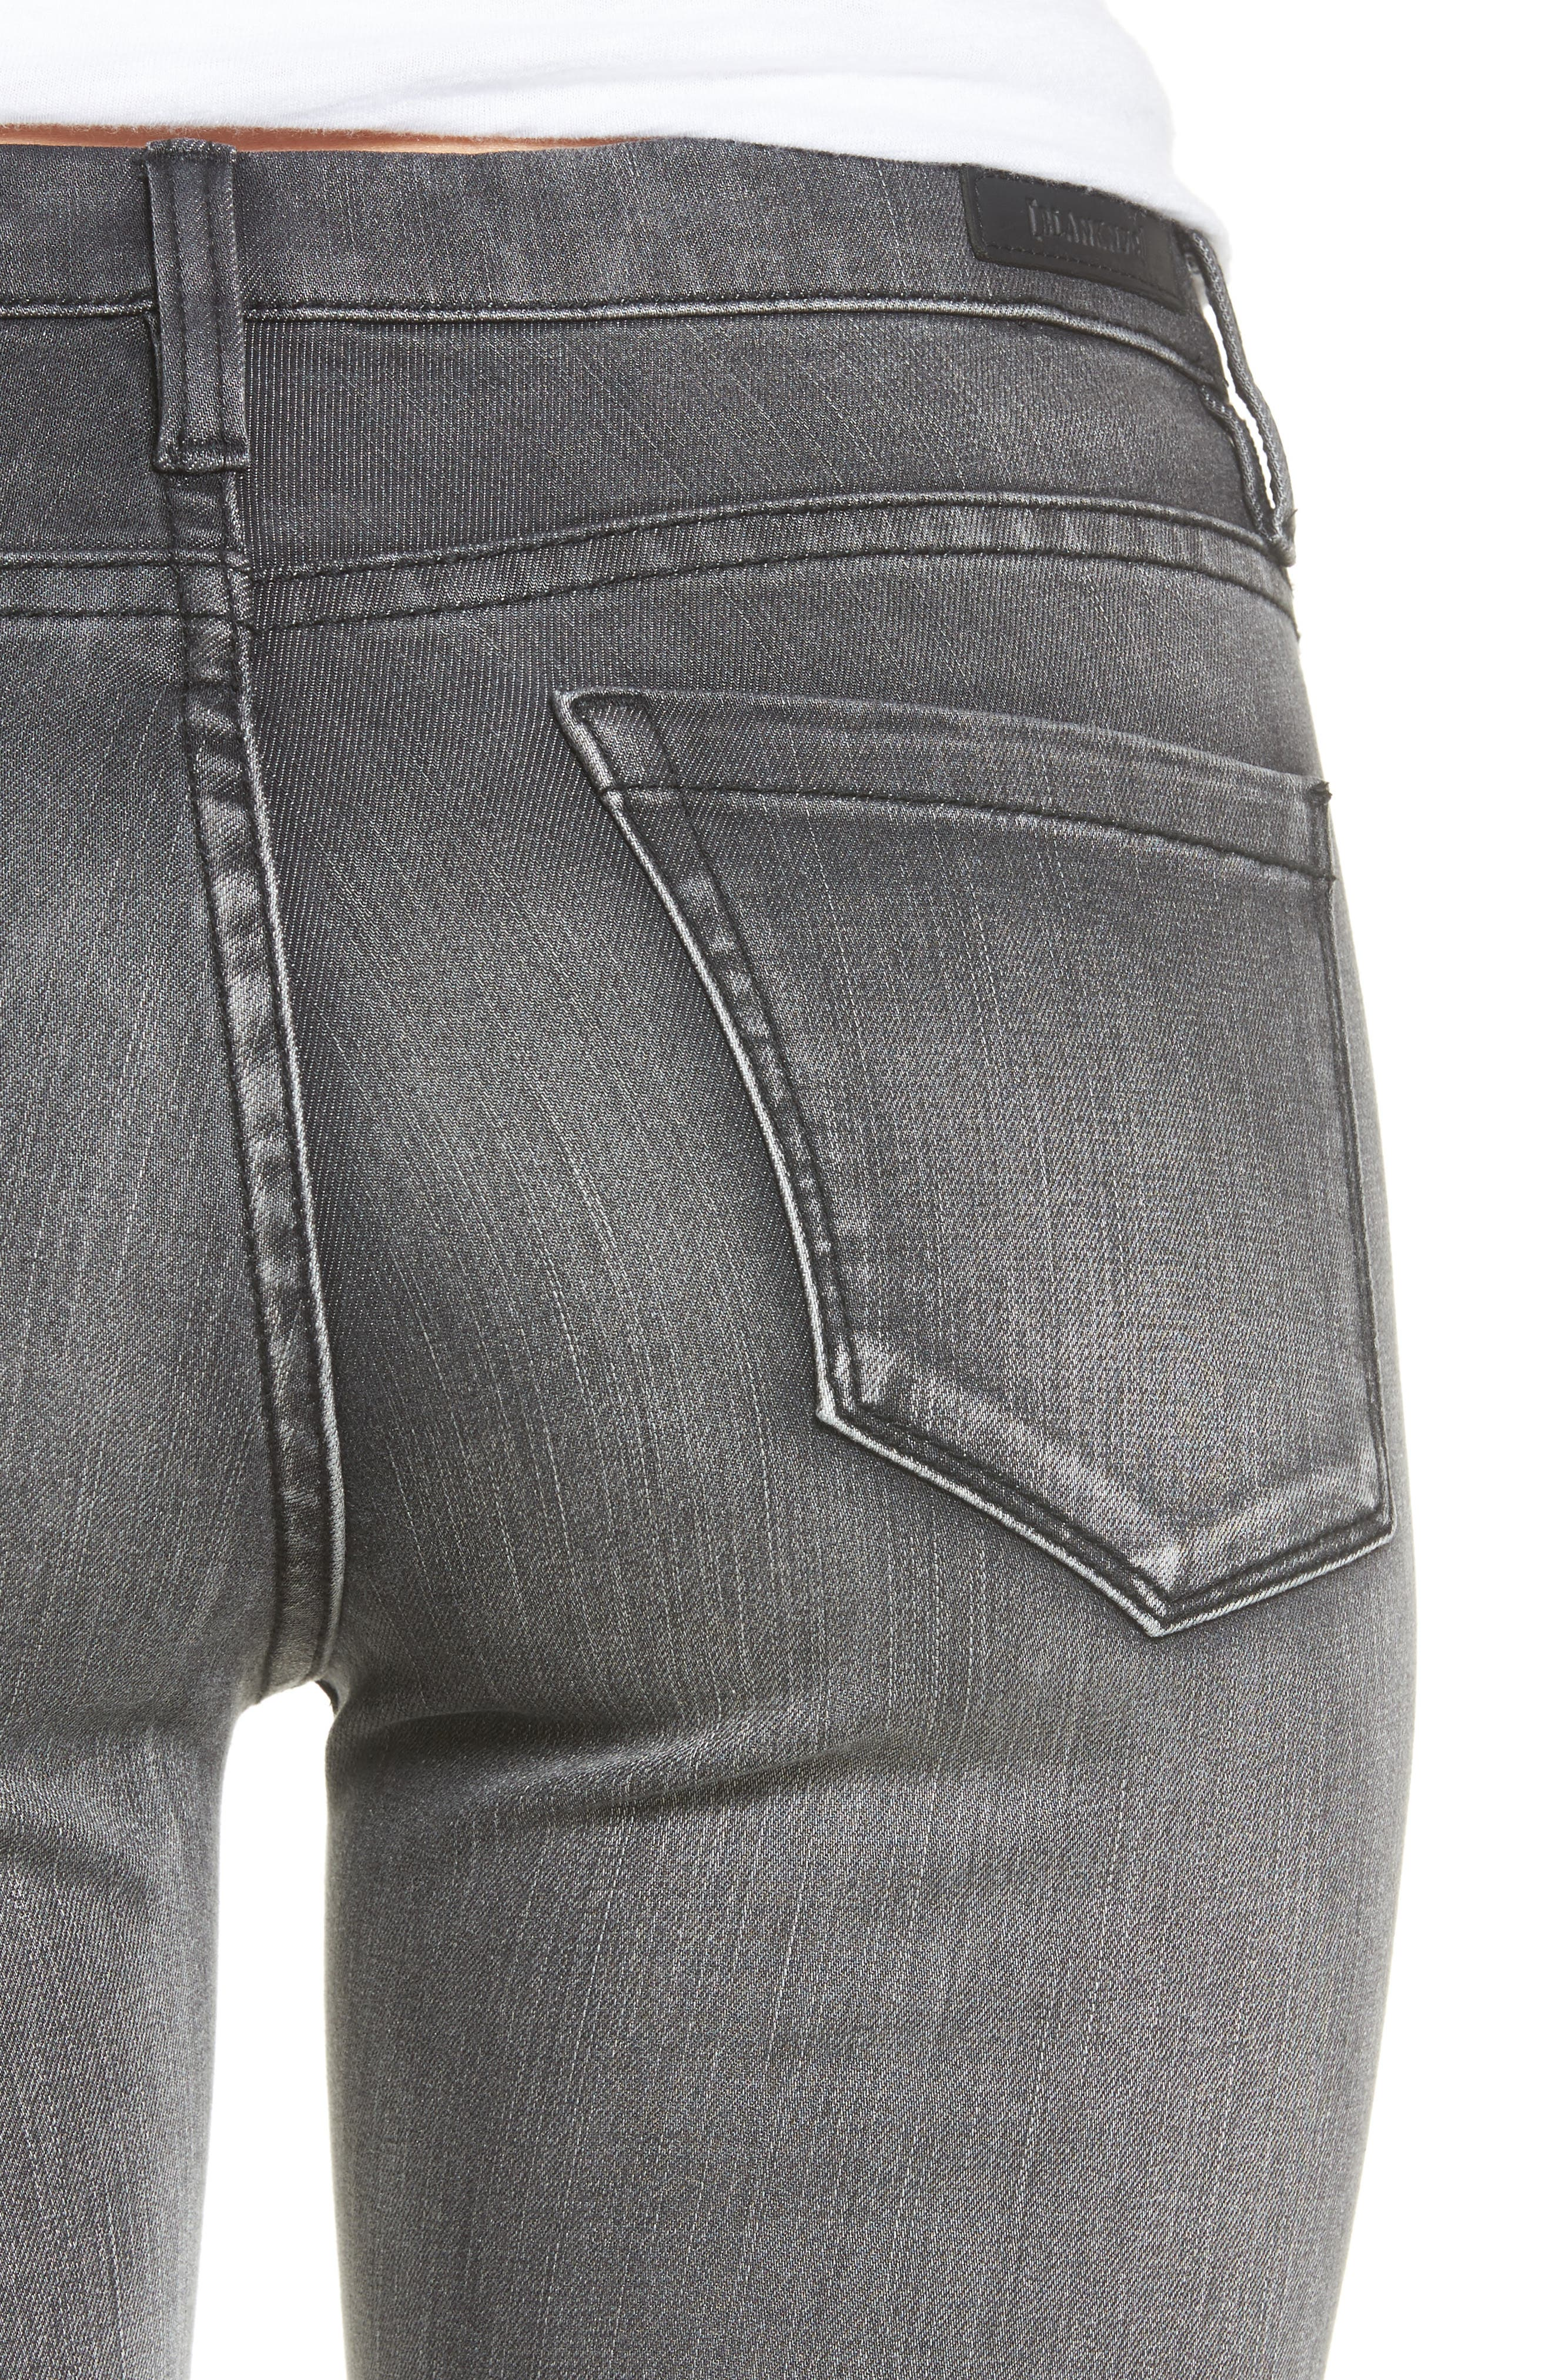 Alternate Image 4  - BLANKNYC Skinny Jeans (Black Metal Dahlia)